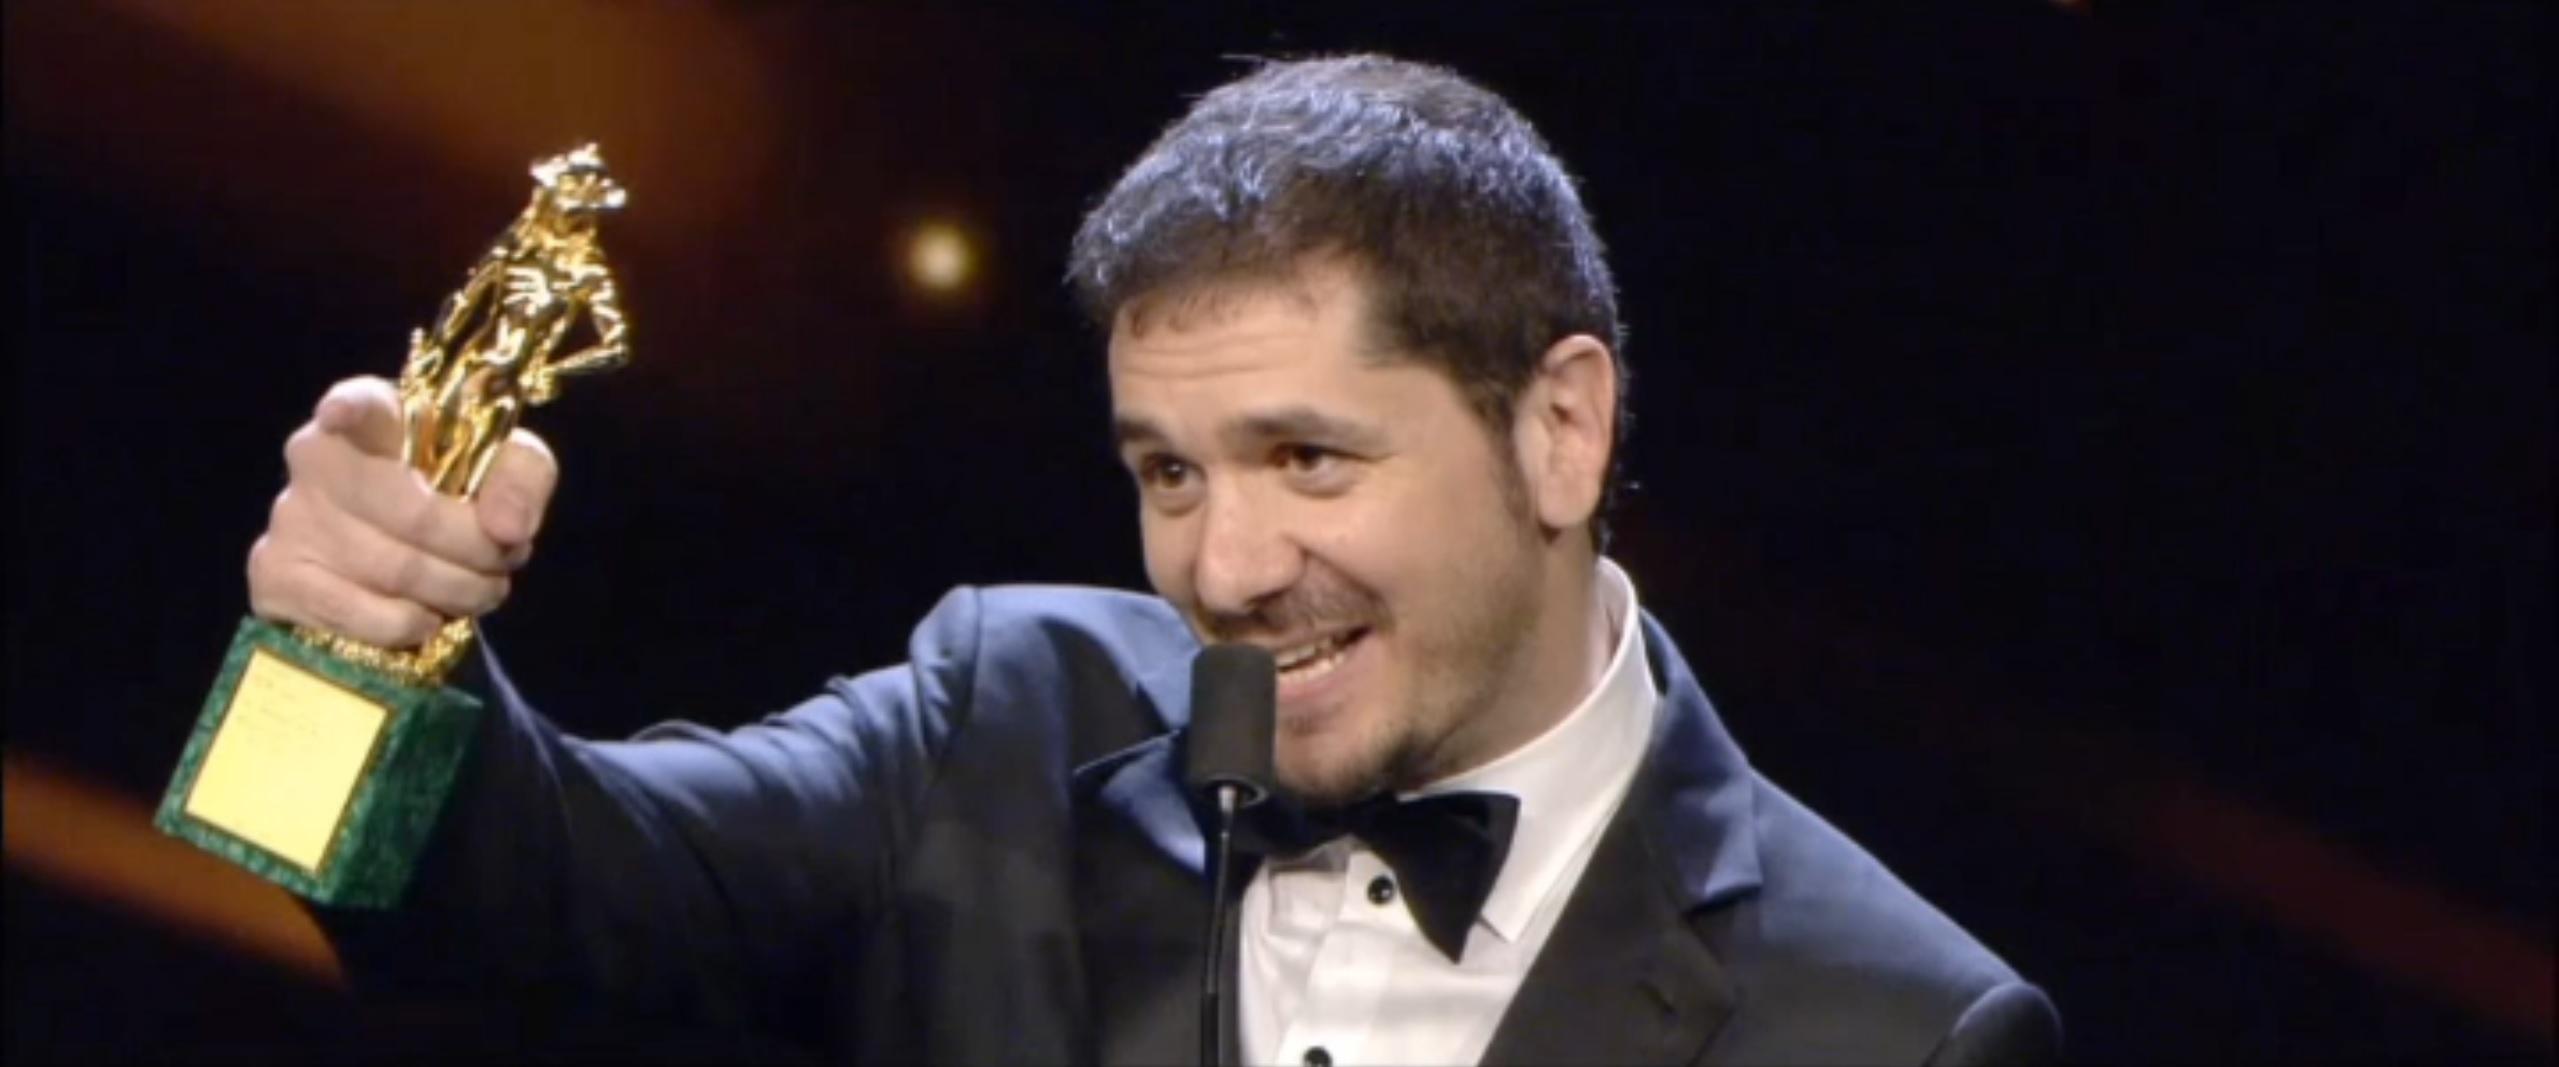 Sono stati assegnati questa seraiDavid di Donatello, i più importanti premi del cinema italiano, da quest'anno finalmente trasmessi su Sky dopo anni di penose cerimonie targate RAI. Al timone di […]